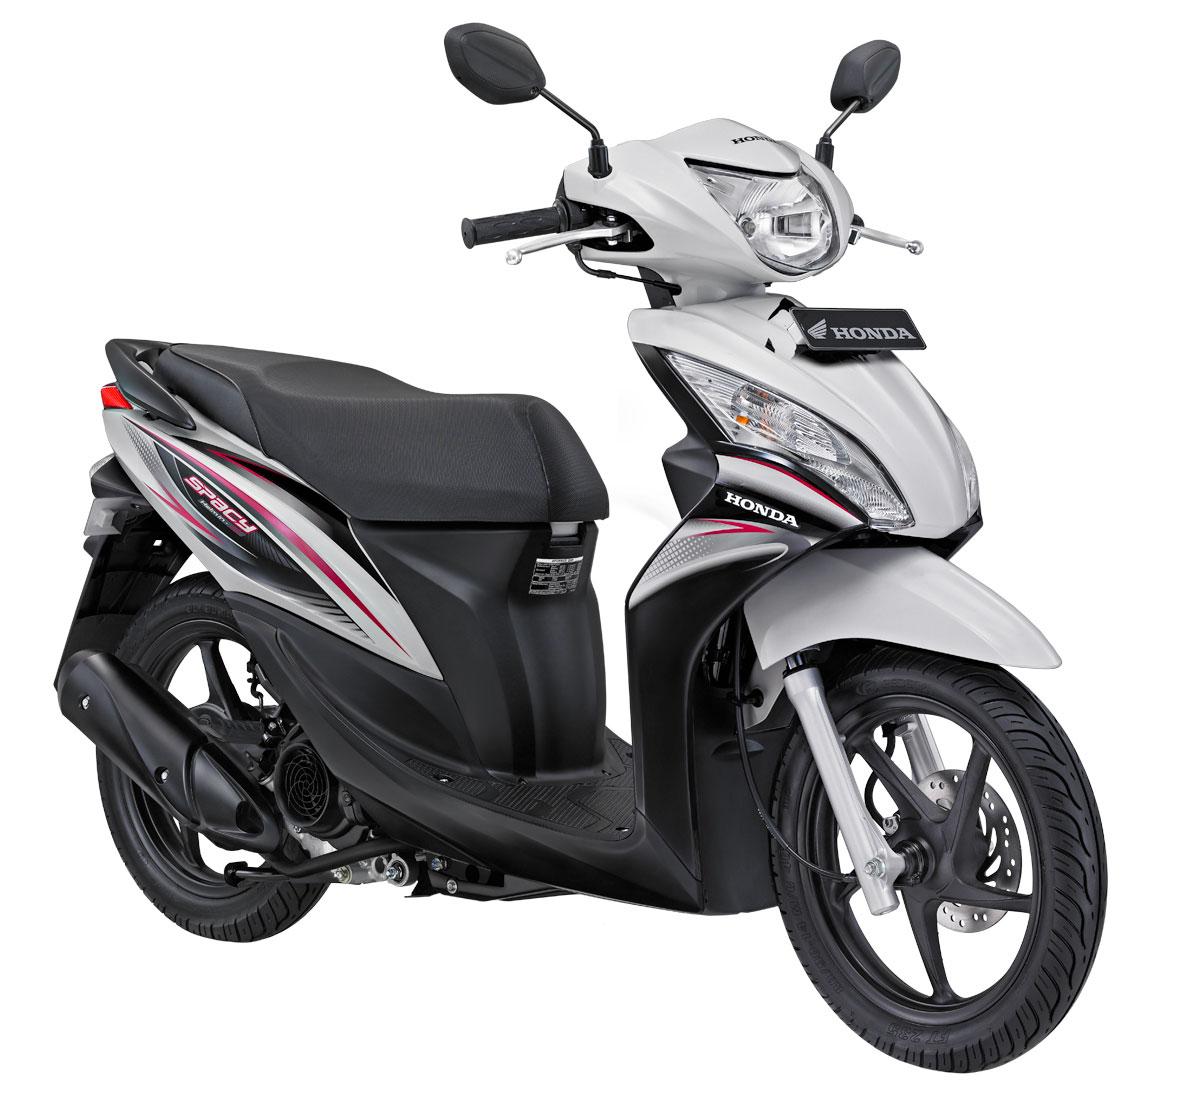 Sepeda Motor Injeksi Irit Harga Terbaik Cuma Honda News